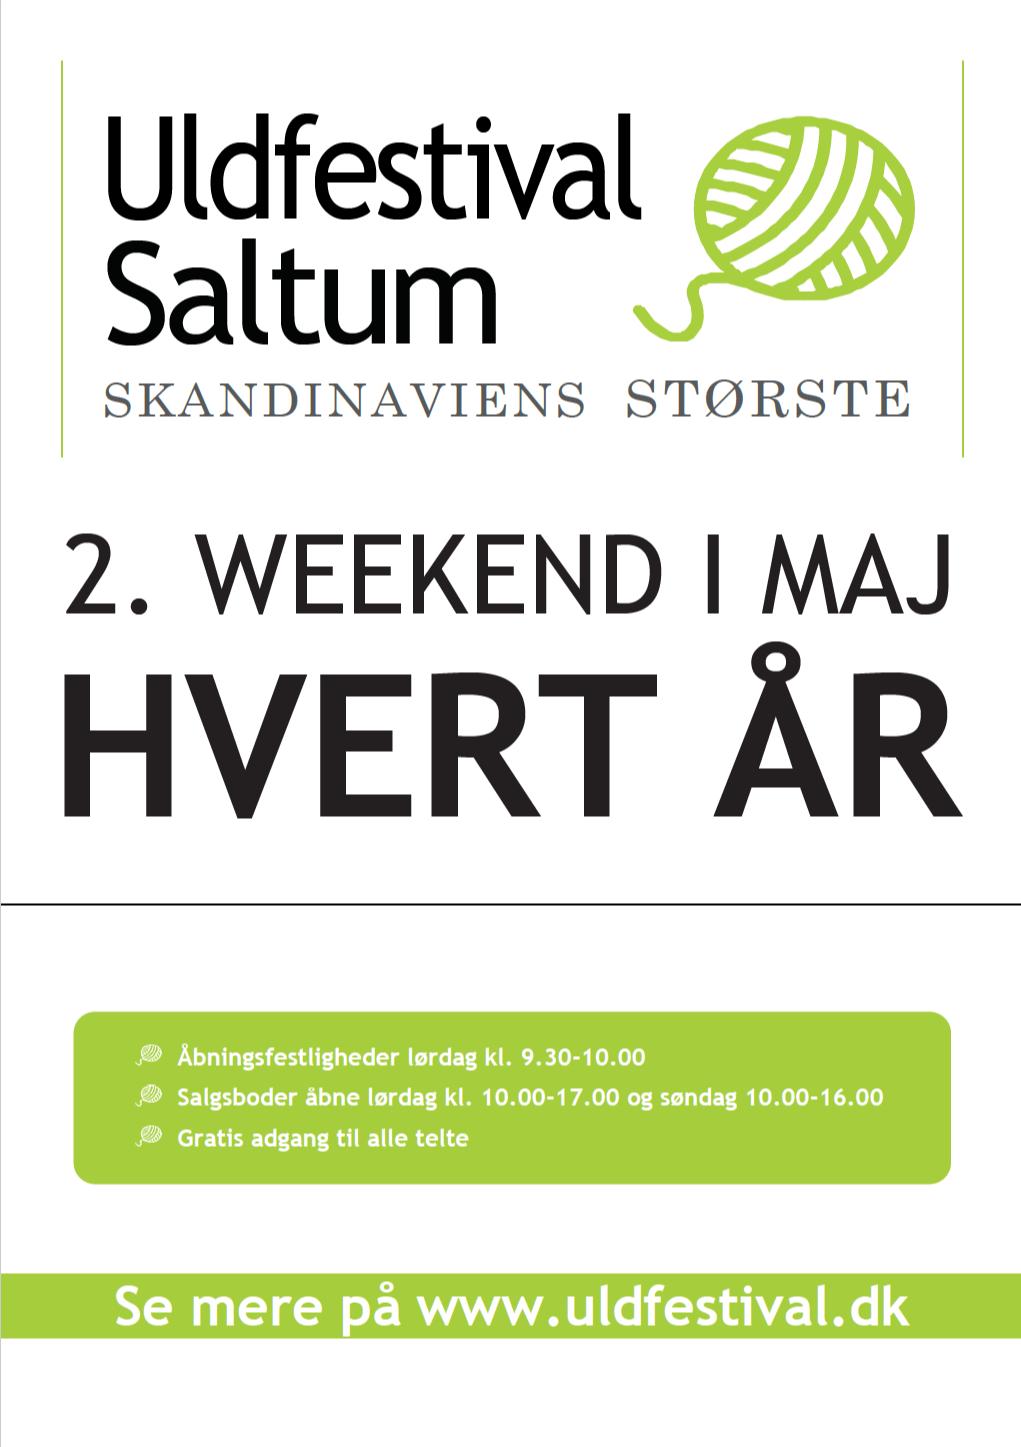 uldfestival a4 plakat 2019